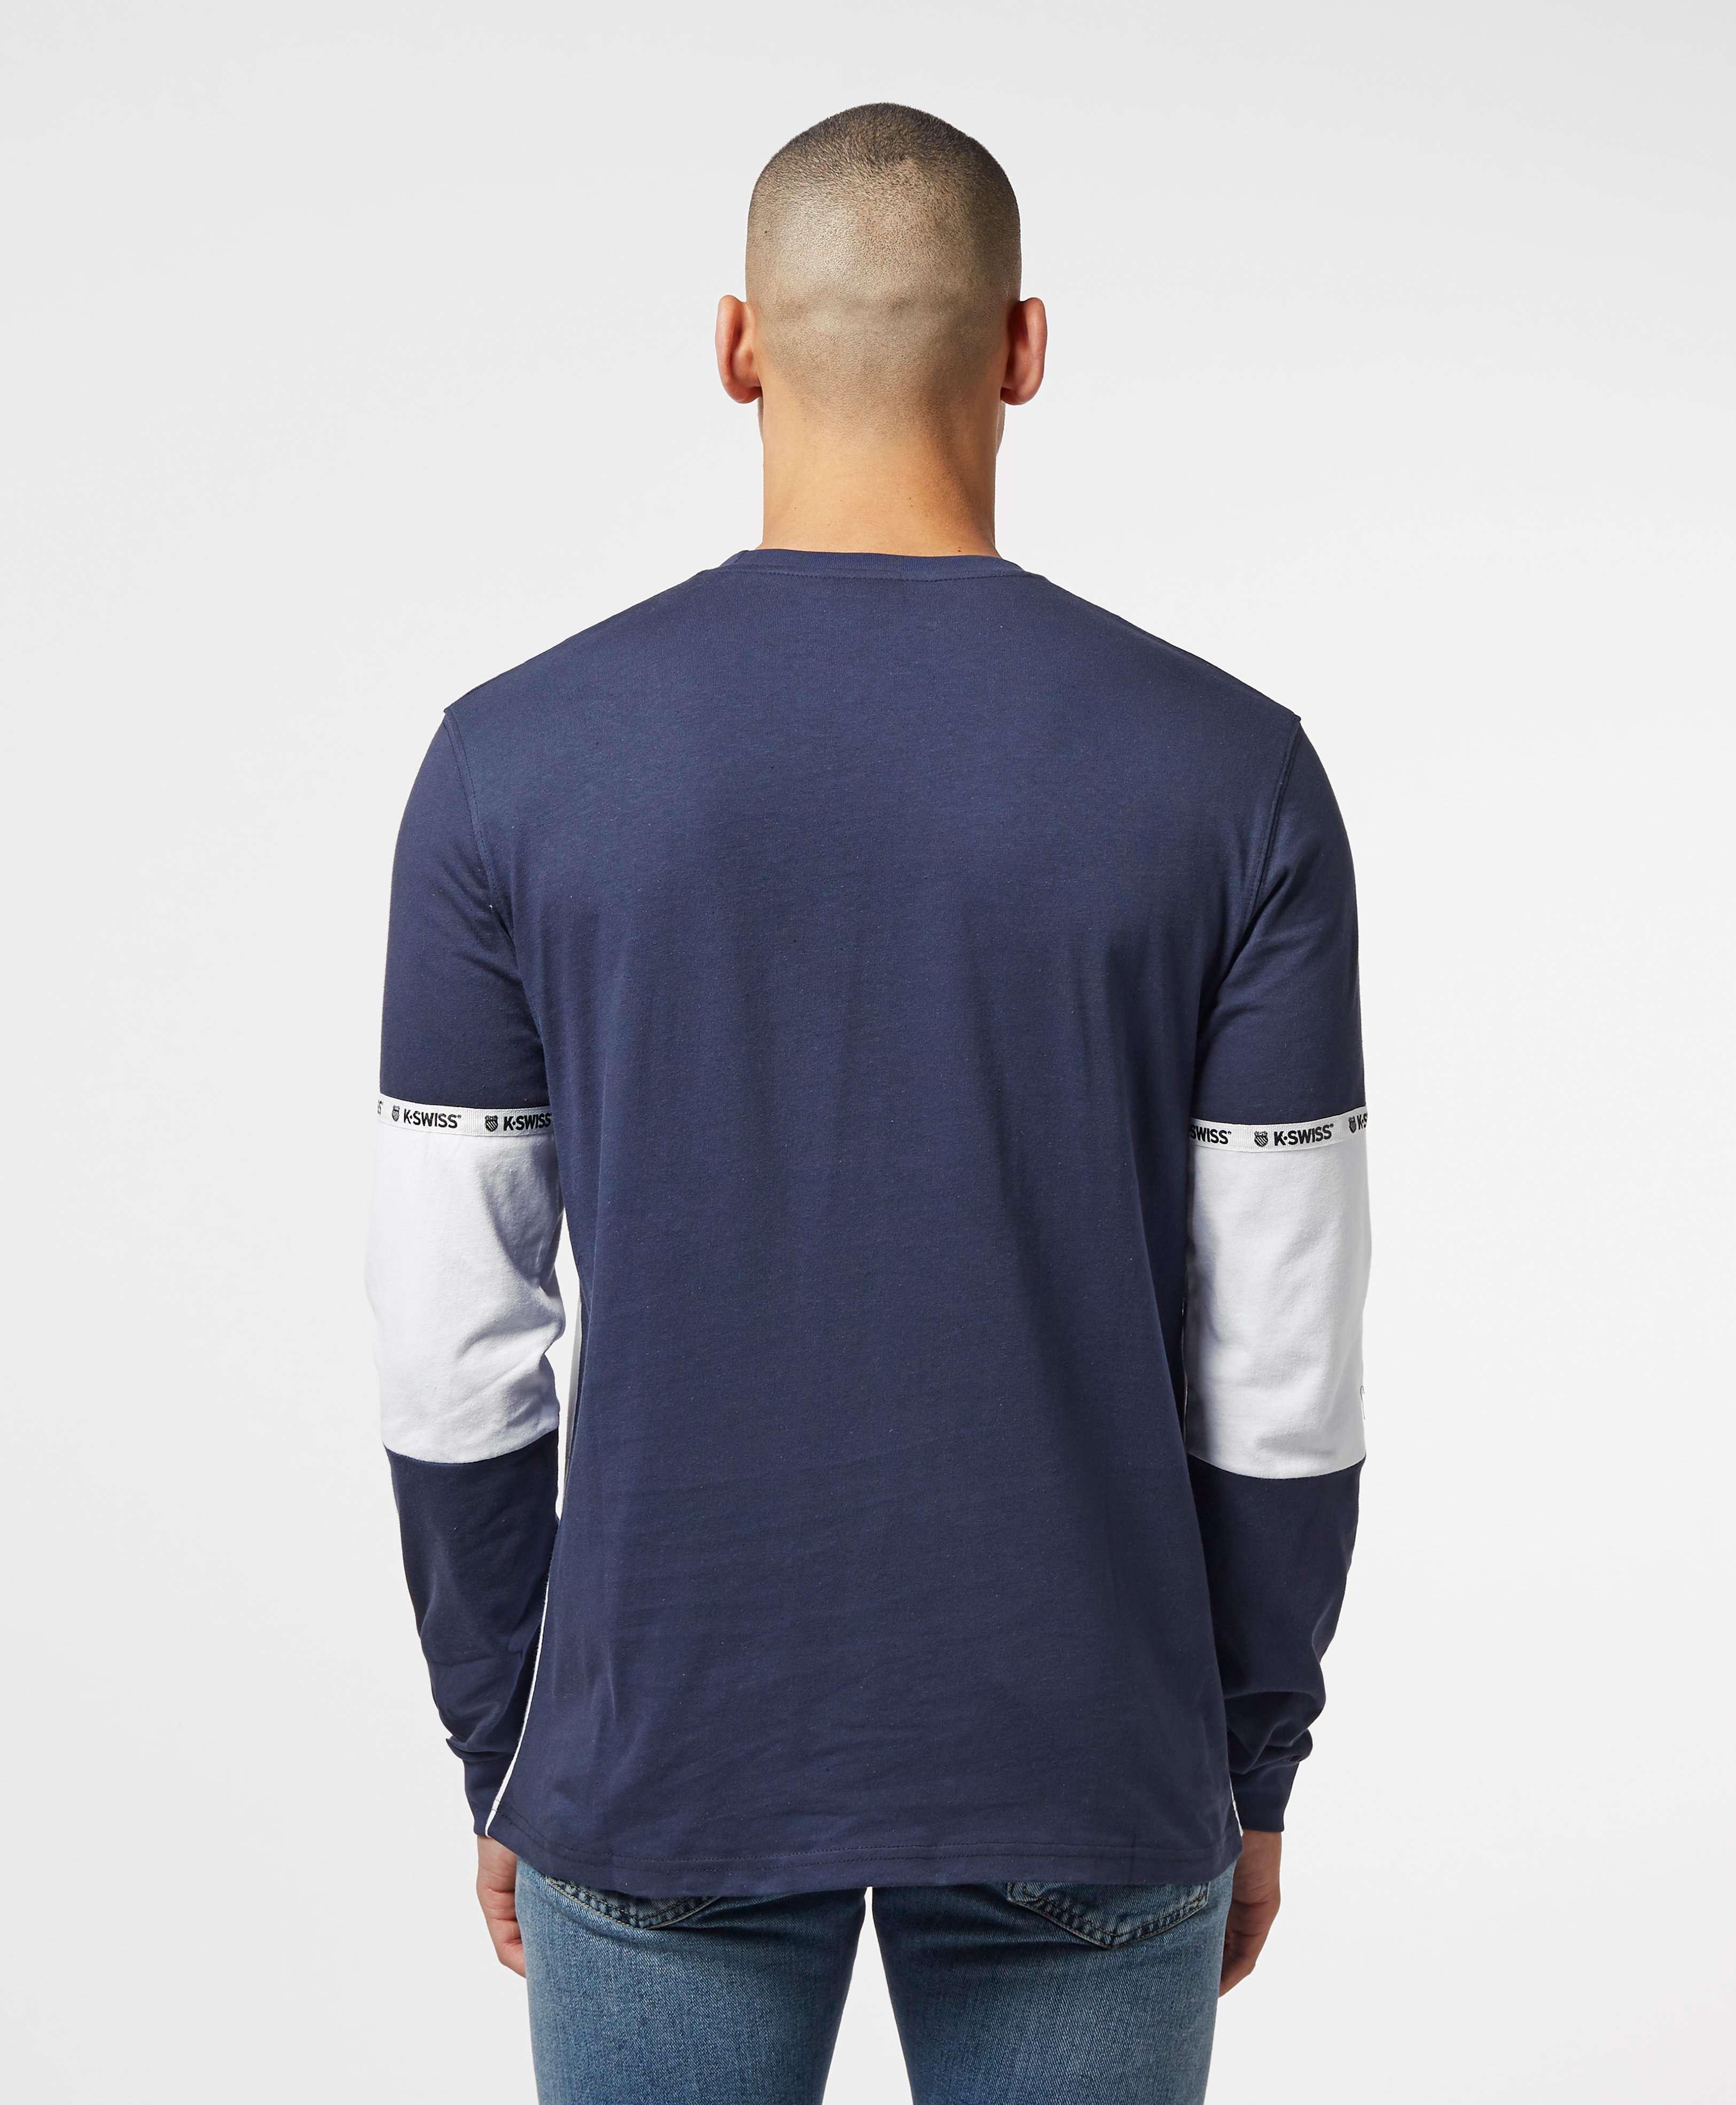 K-Swiss Fairfield Long Sleeve T-Shirt - Online Exclusive